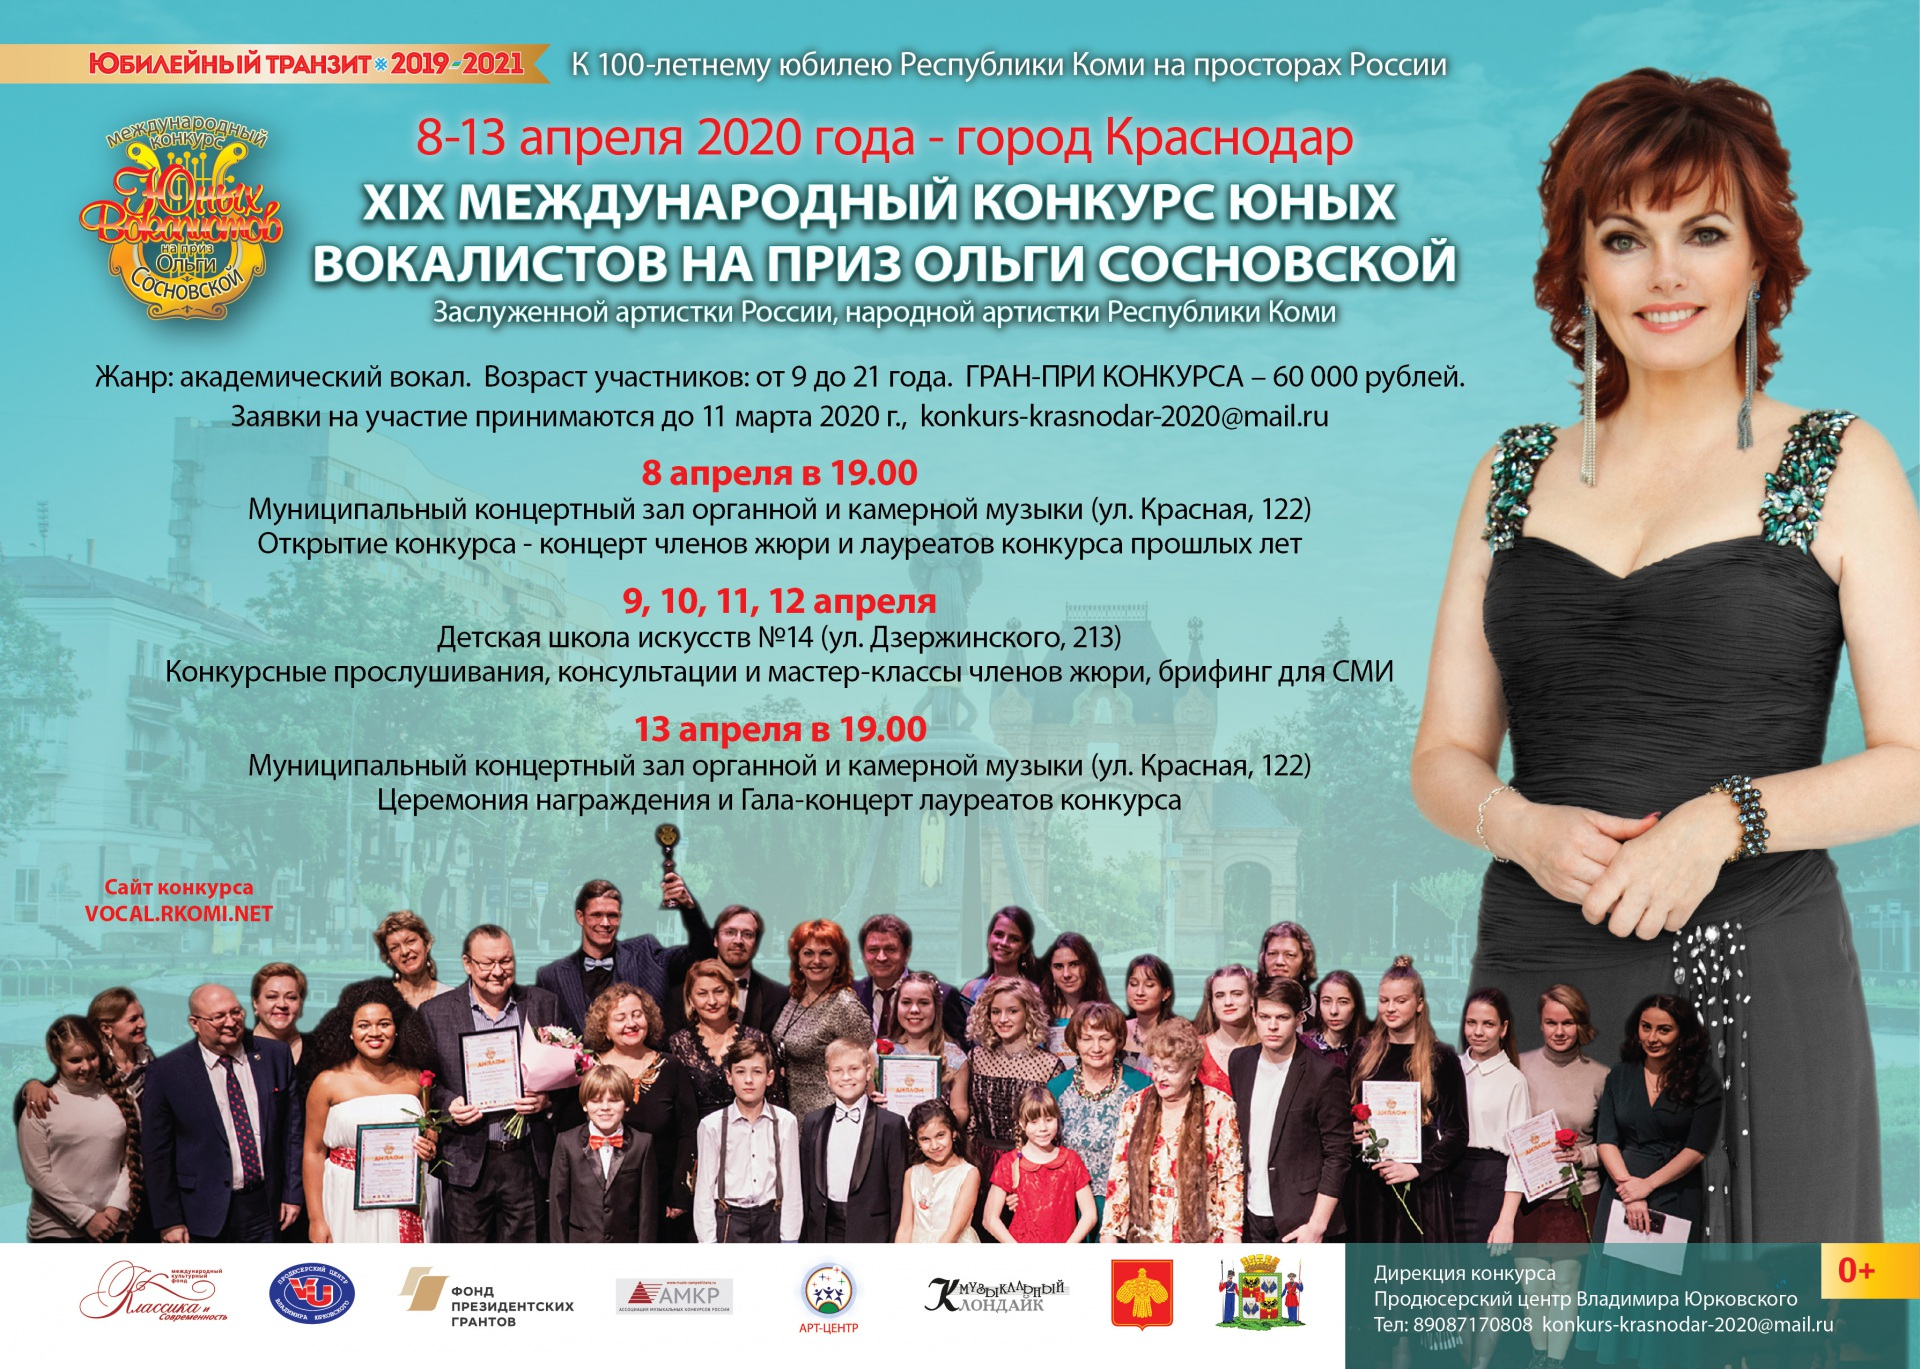 Afischa-Krasnodar-2020.jpg